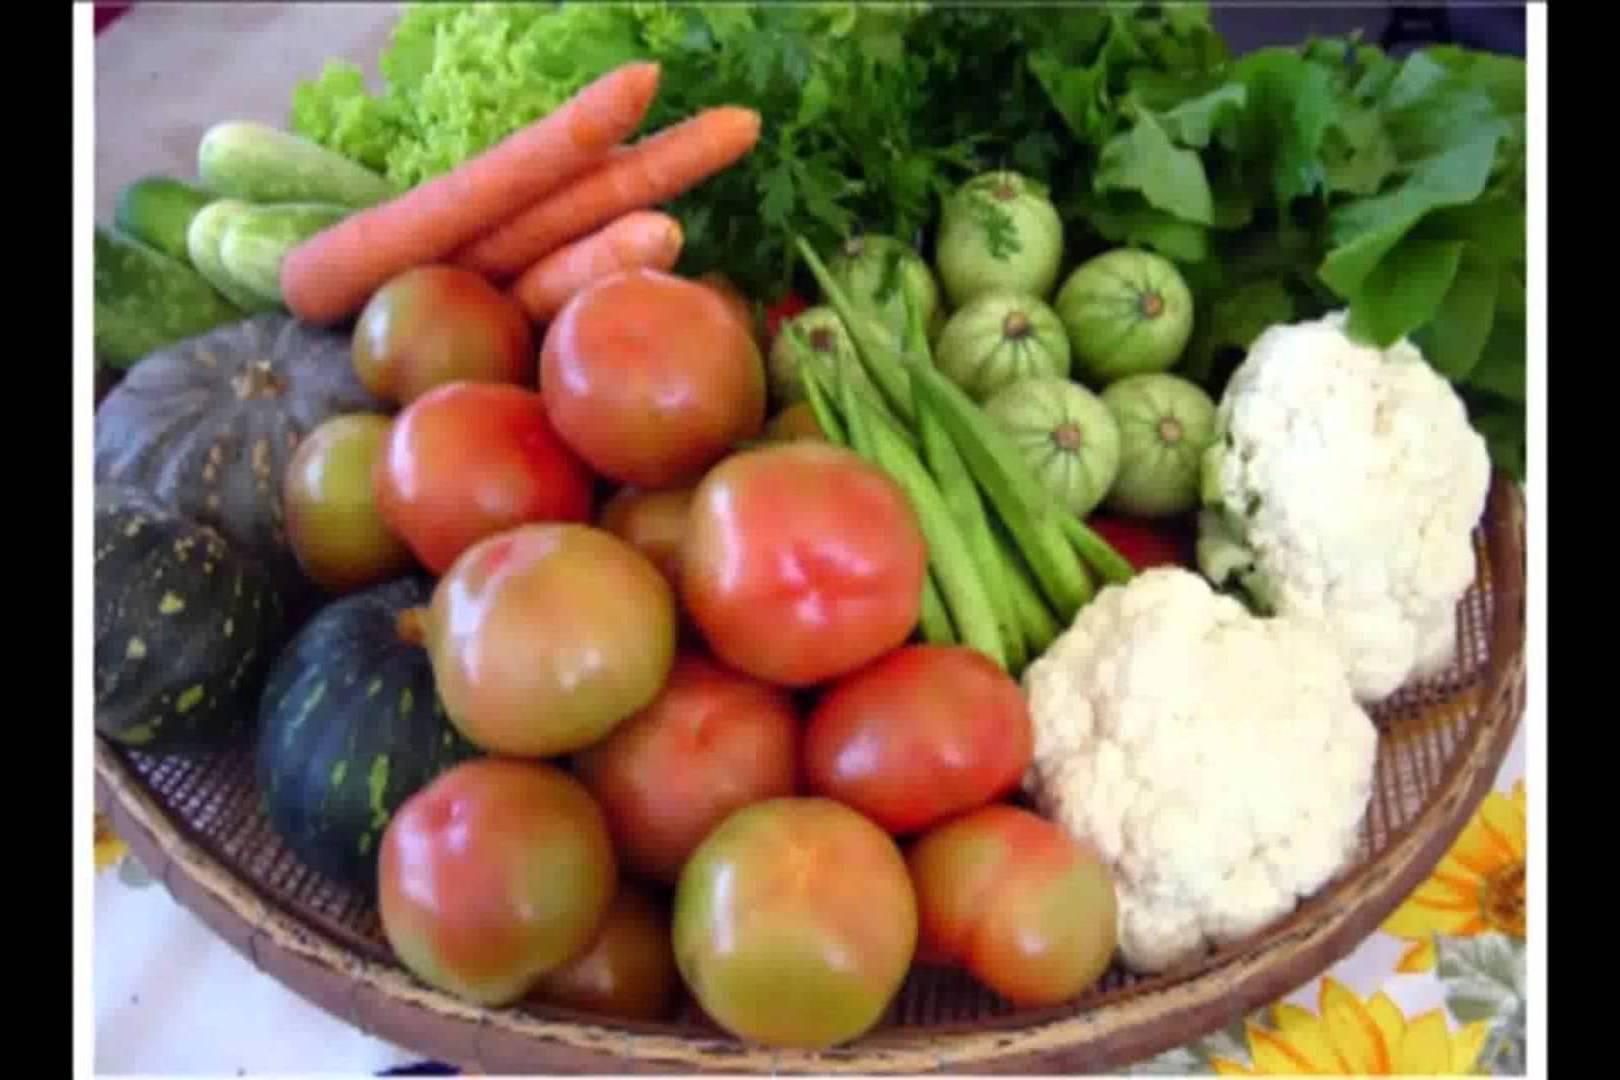 Dieta Vegetariana – Emagrecer Comendo Verduras na Dieta Vegetariana